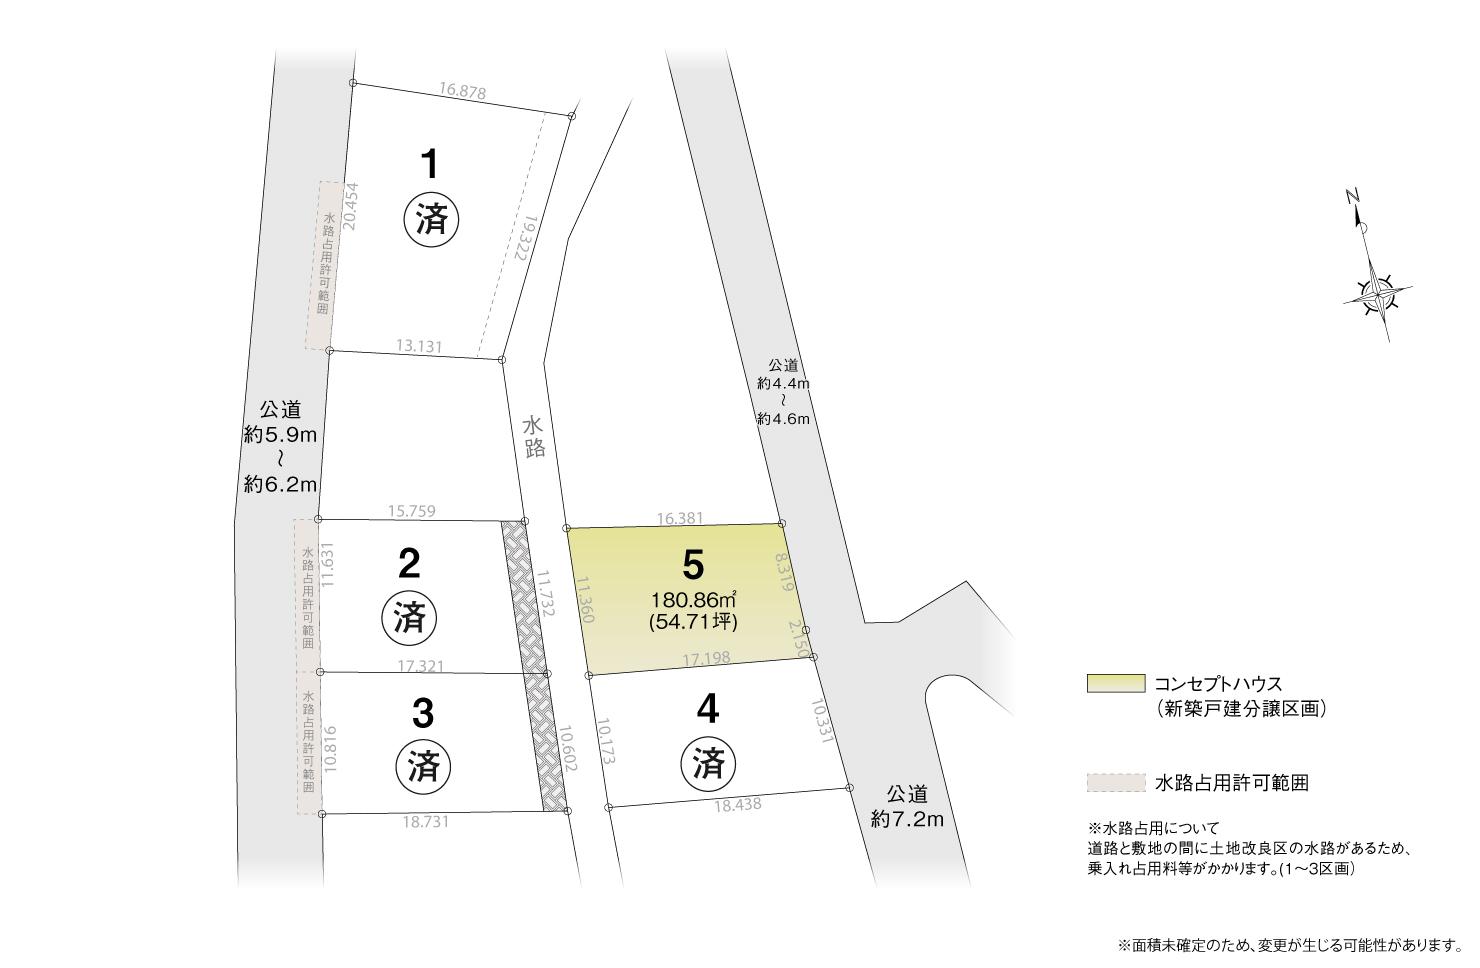 4_区画図_豊田市花園町4